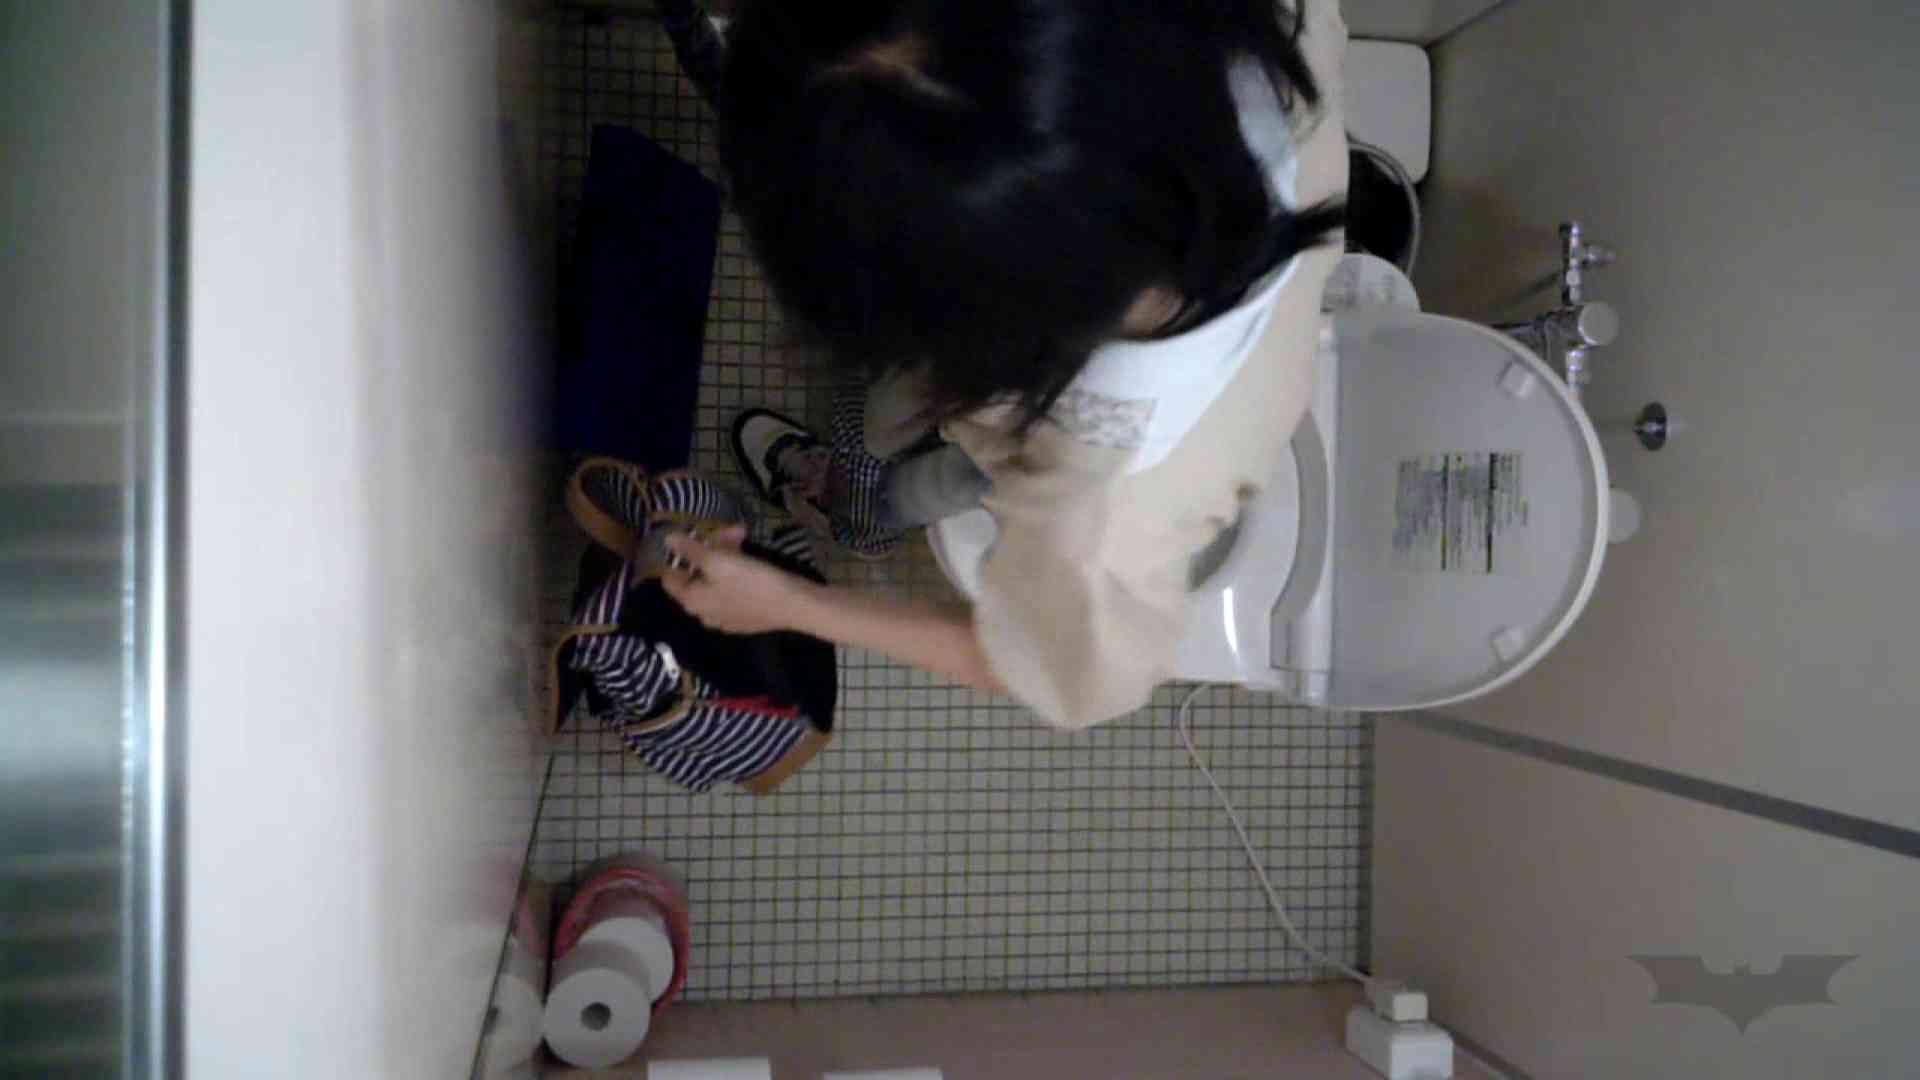 有名大学女性洗面所 vol.43 いつみても神秘的な世界です。 OLの実態   洗面所  82pic 37